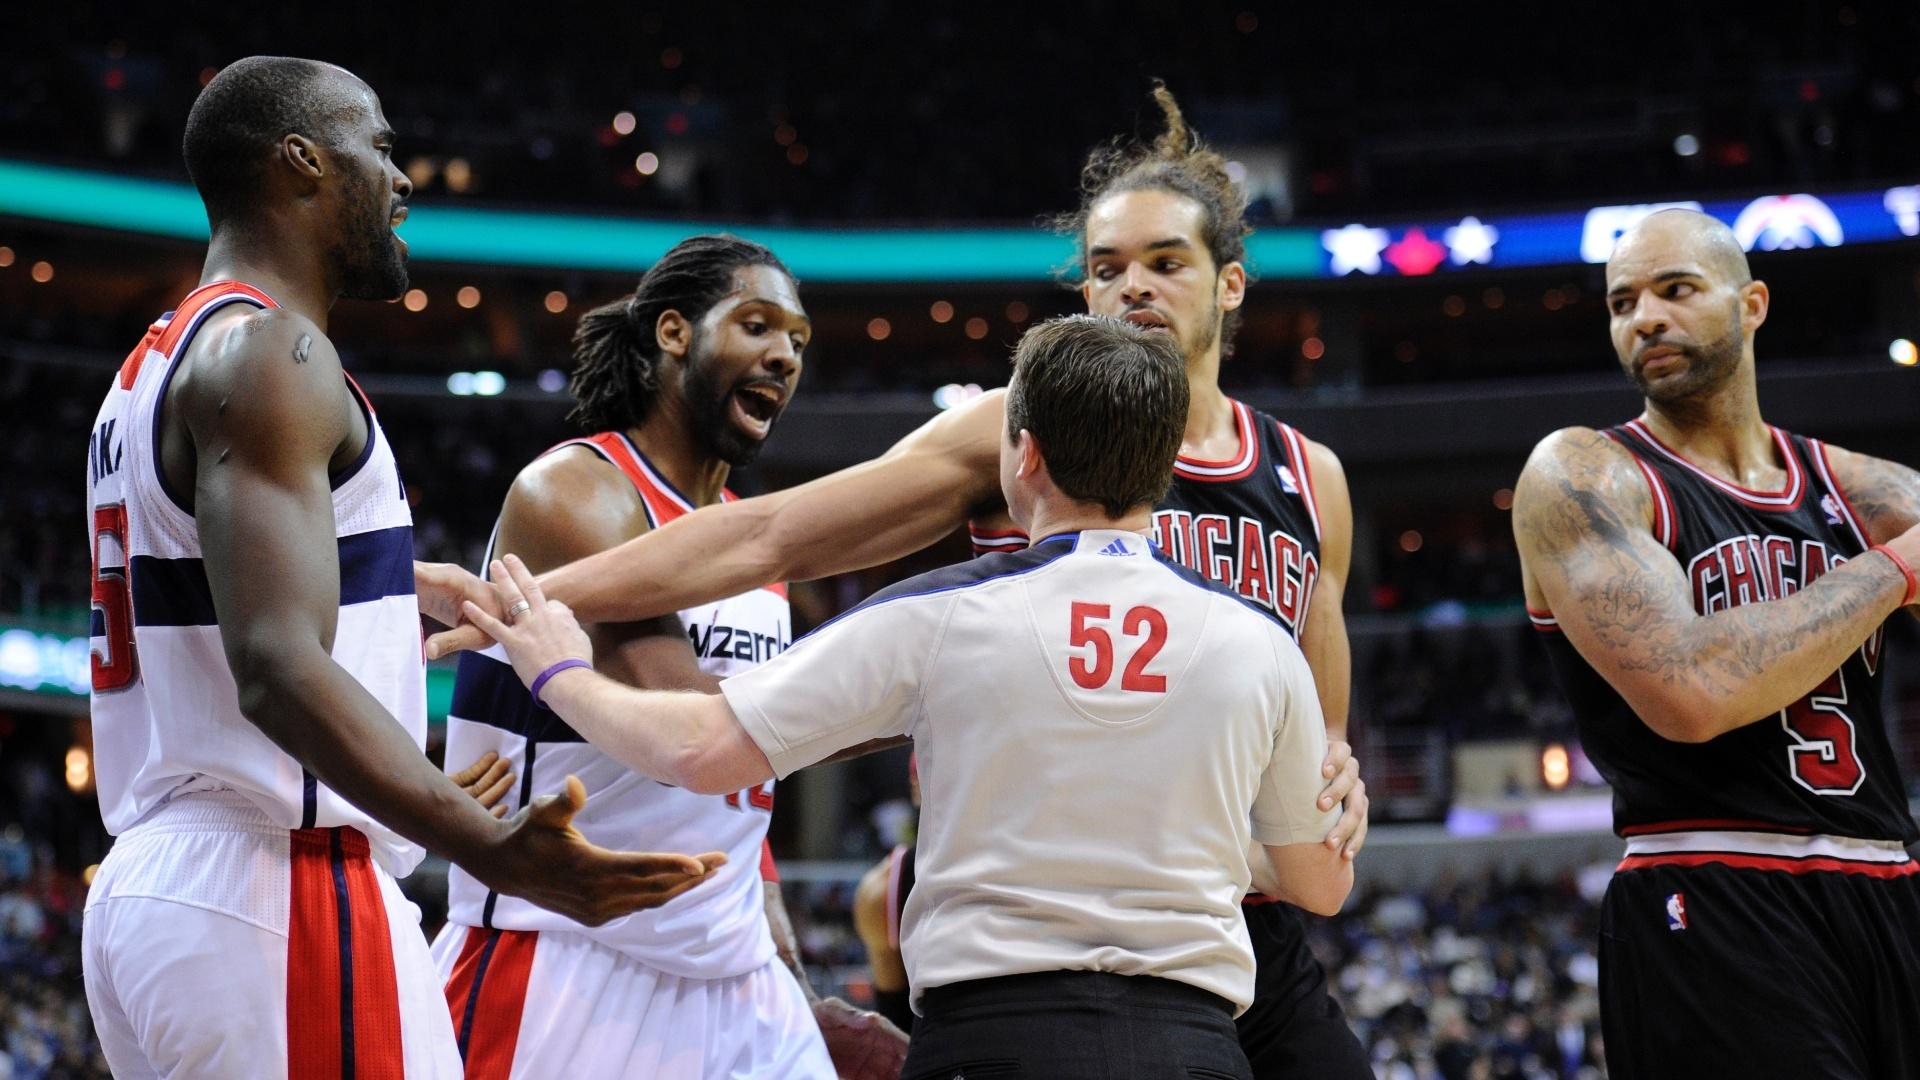 Árbitro interveem na discussão entre Emeka Okafor (e), o brasileiro Nenê, dos Wizards, e Joakim Noah e Carlos Boozer (d), do Chicago Bulls